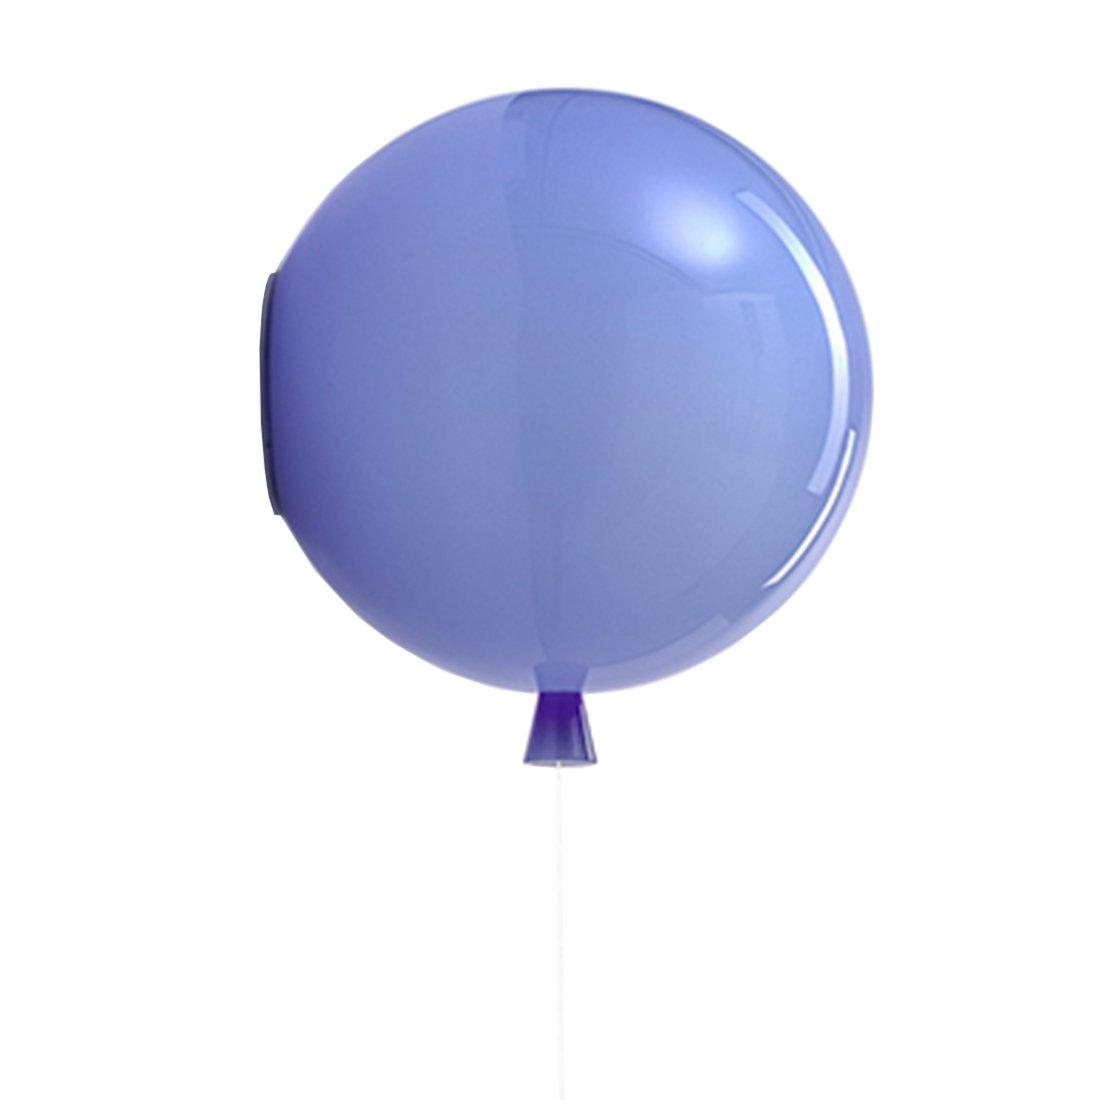 Brokis Memory Wandlamp Small Glossy Blauw